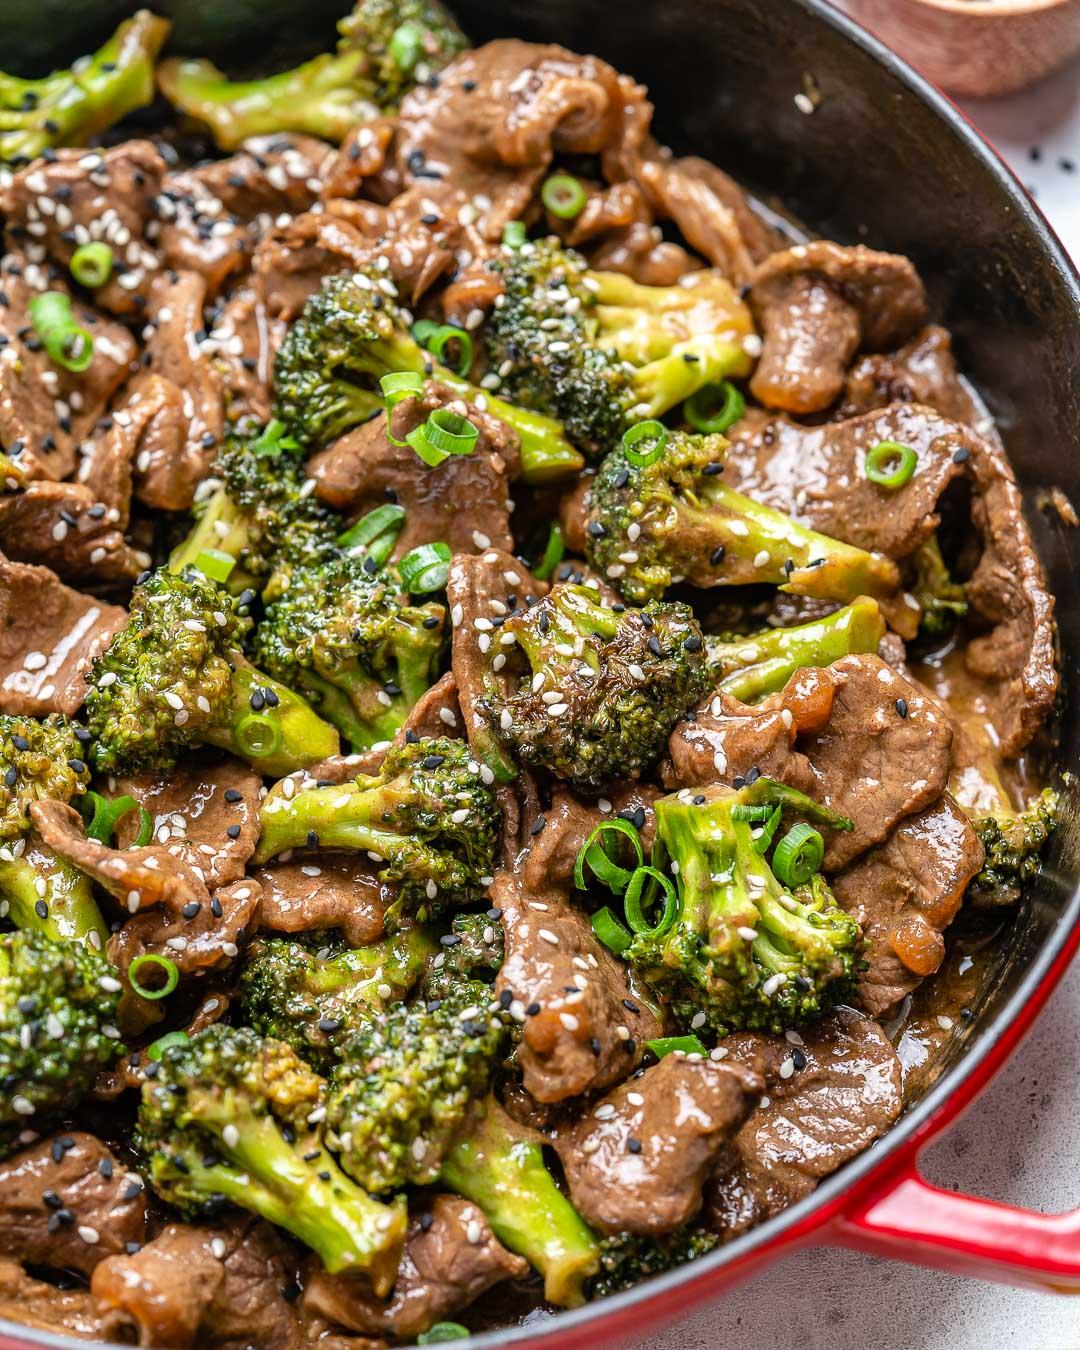 Tigaie De Vita Cu Broccoli (Reteta Paleo / Whole30) 6